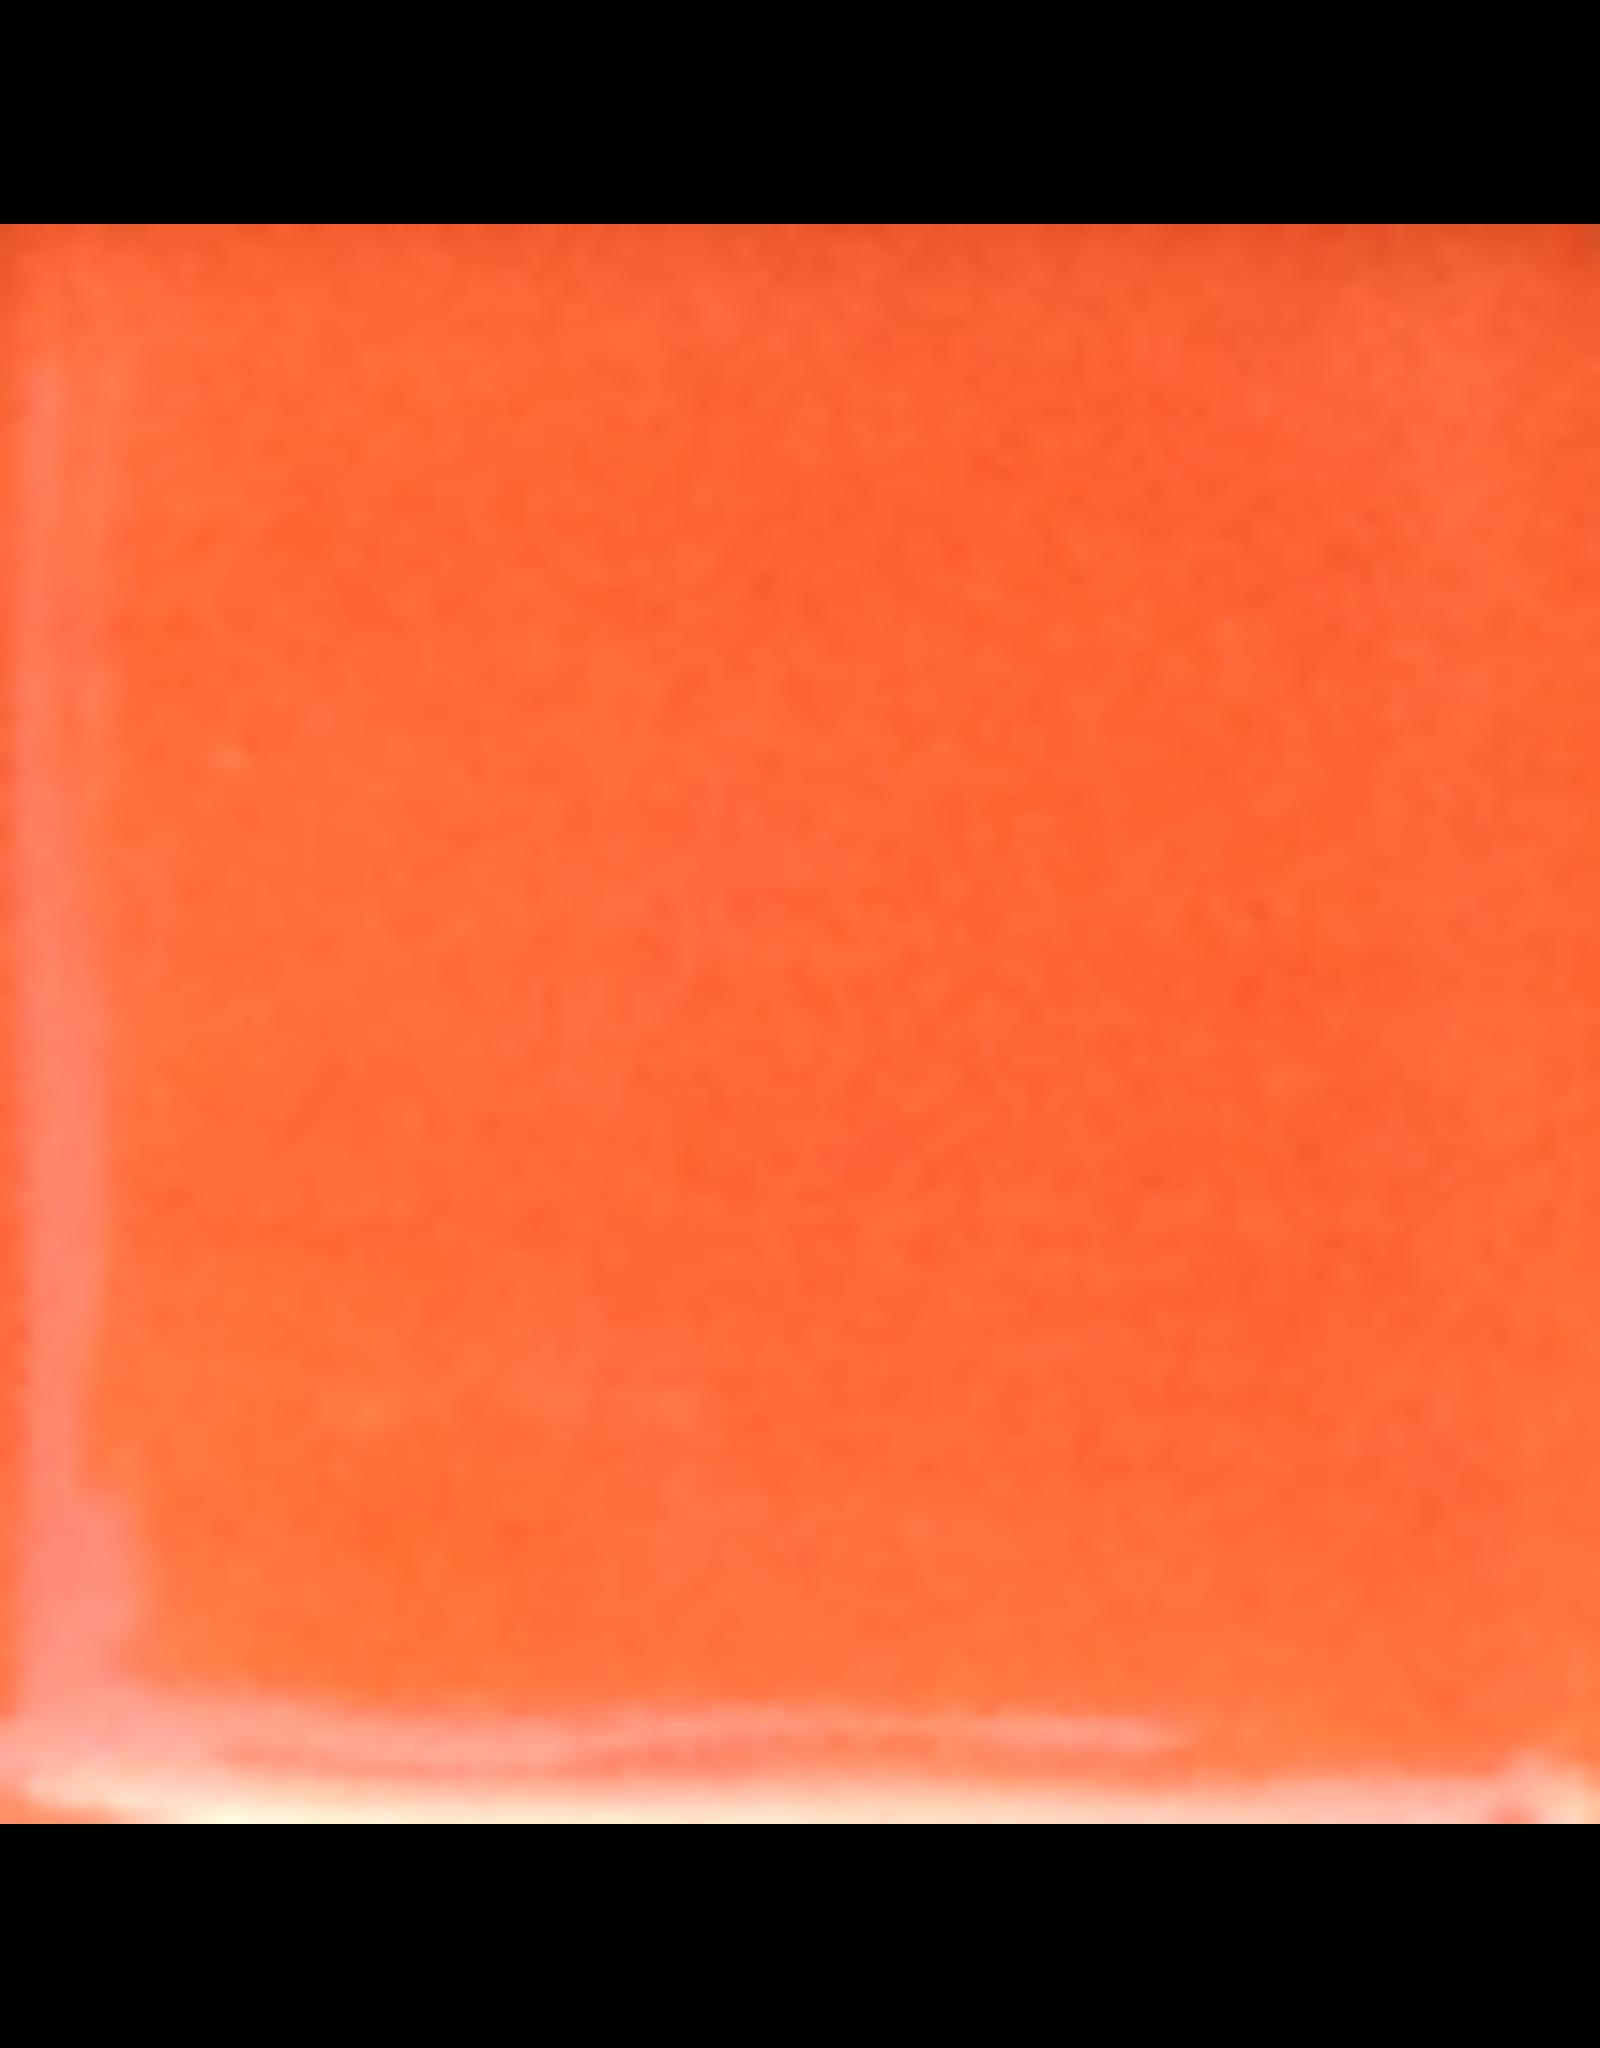 Contem UG46 Bright orange Underglaze